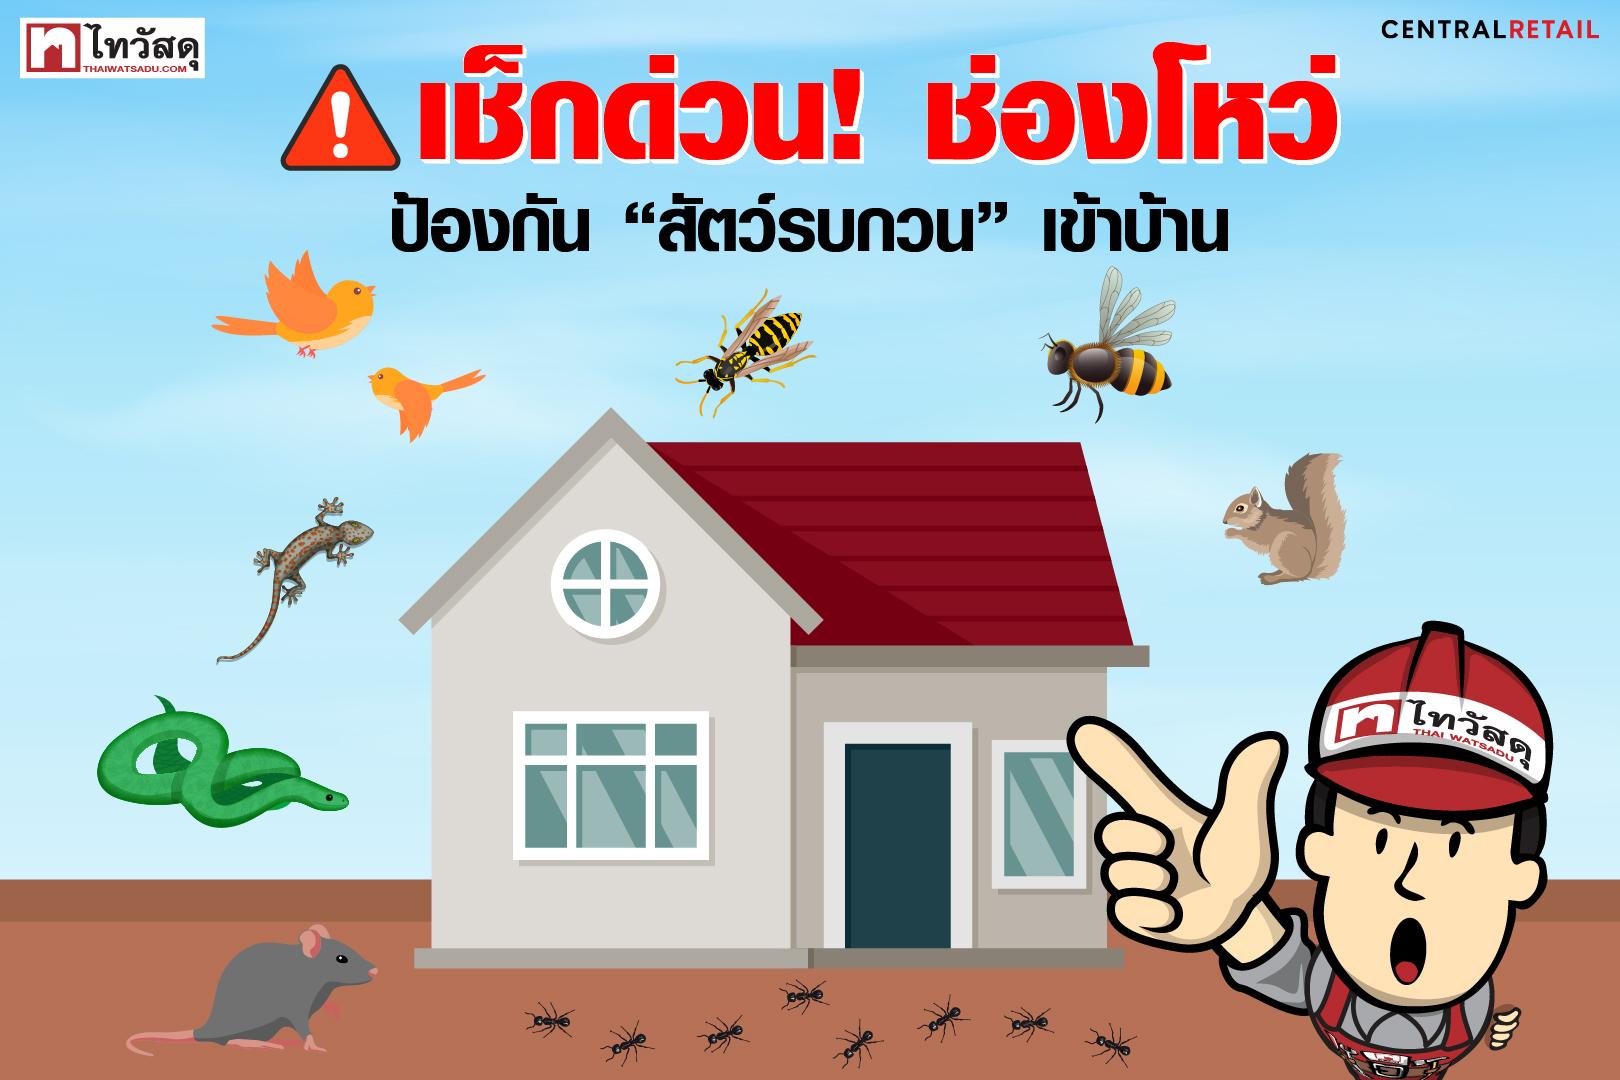 เช็กด่วน! ช่องโหว่ ป้องกันสัตว์รบกวนเข้าบ้าน